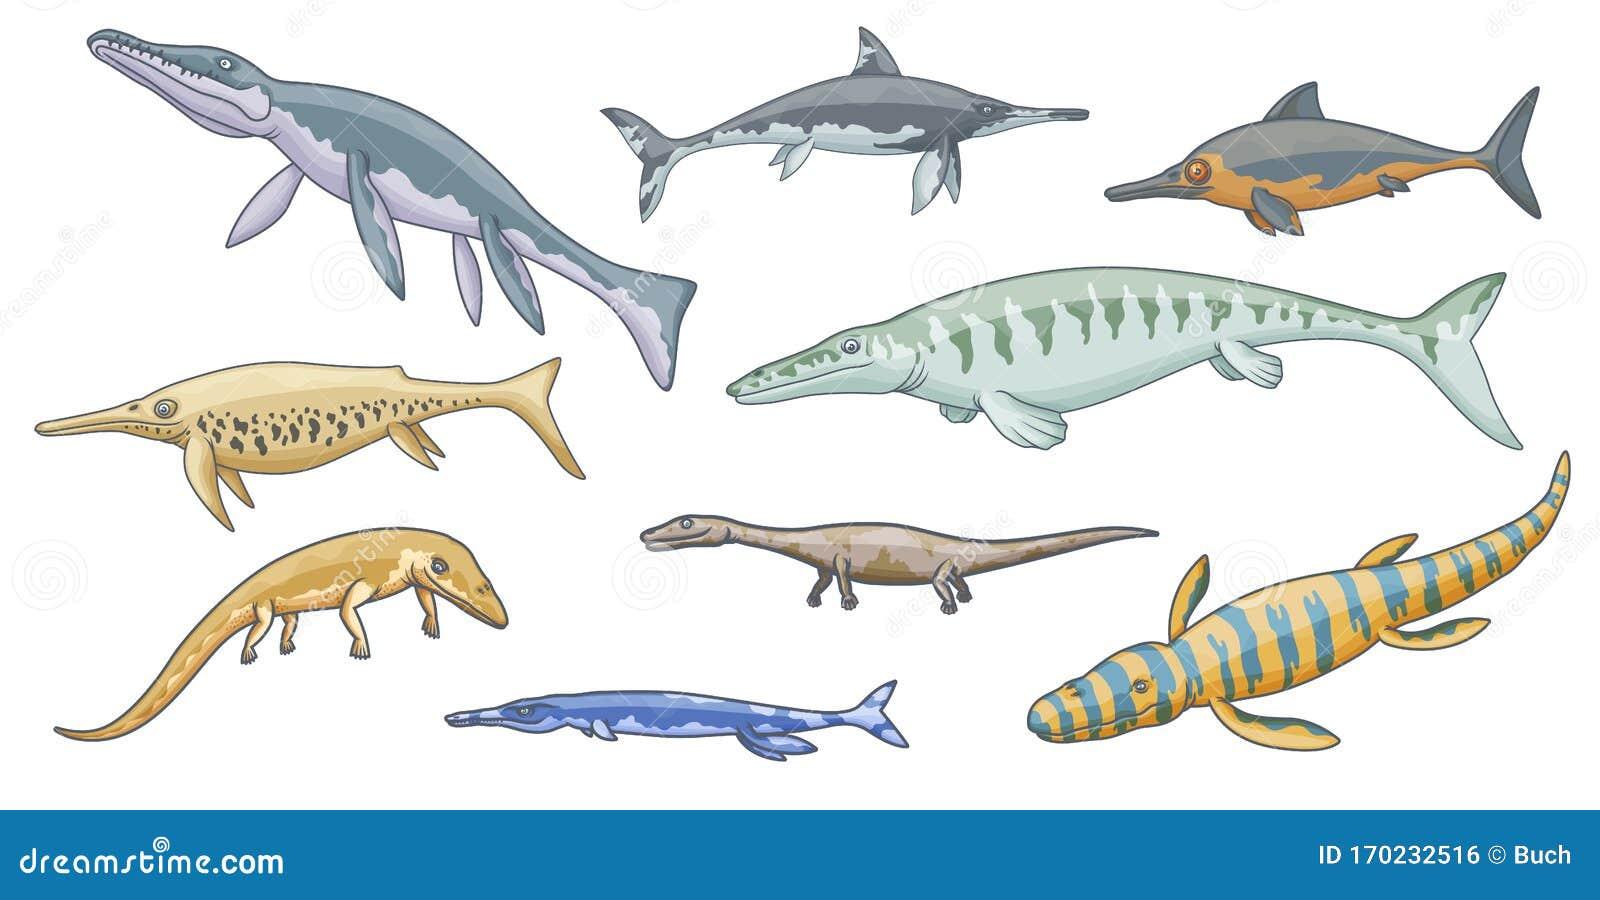 Iconos De Animales Marinos De Dinosaurios Reptiles Marinos Jurasicos Ilustracion Del Vector Ilustracion De Animales Iconos 170232516 Los tipos más fascinantes de dinosaurios acuáticos y marinos. iconos de animales marinos de